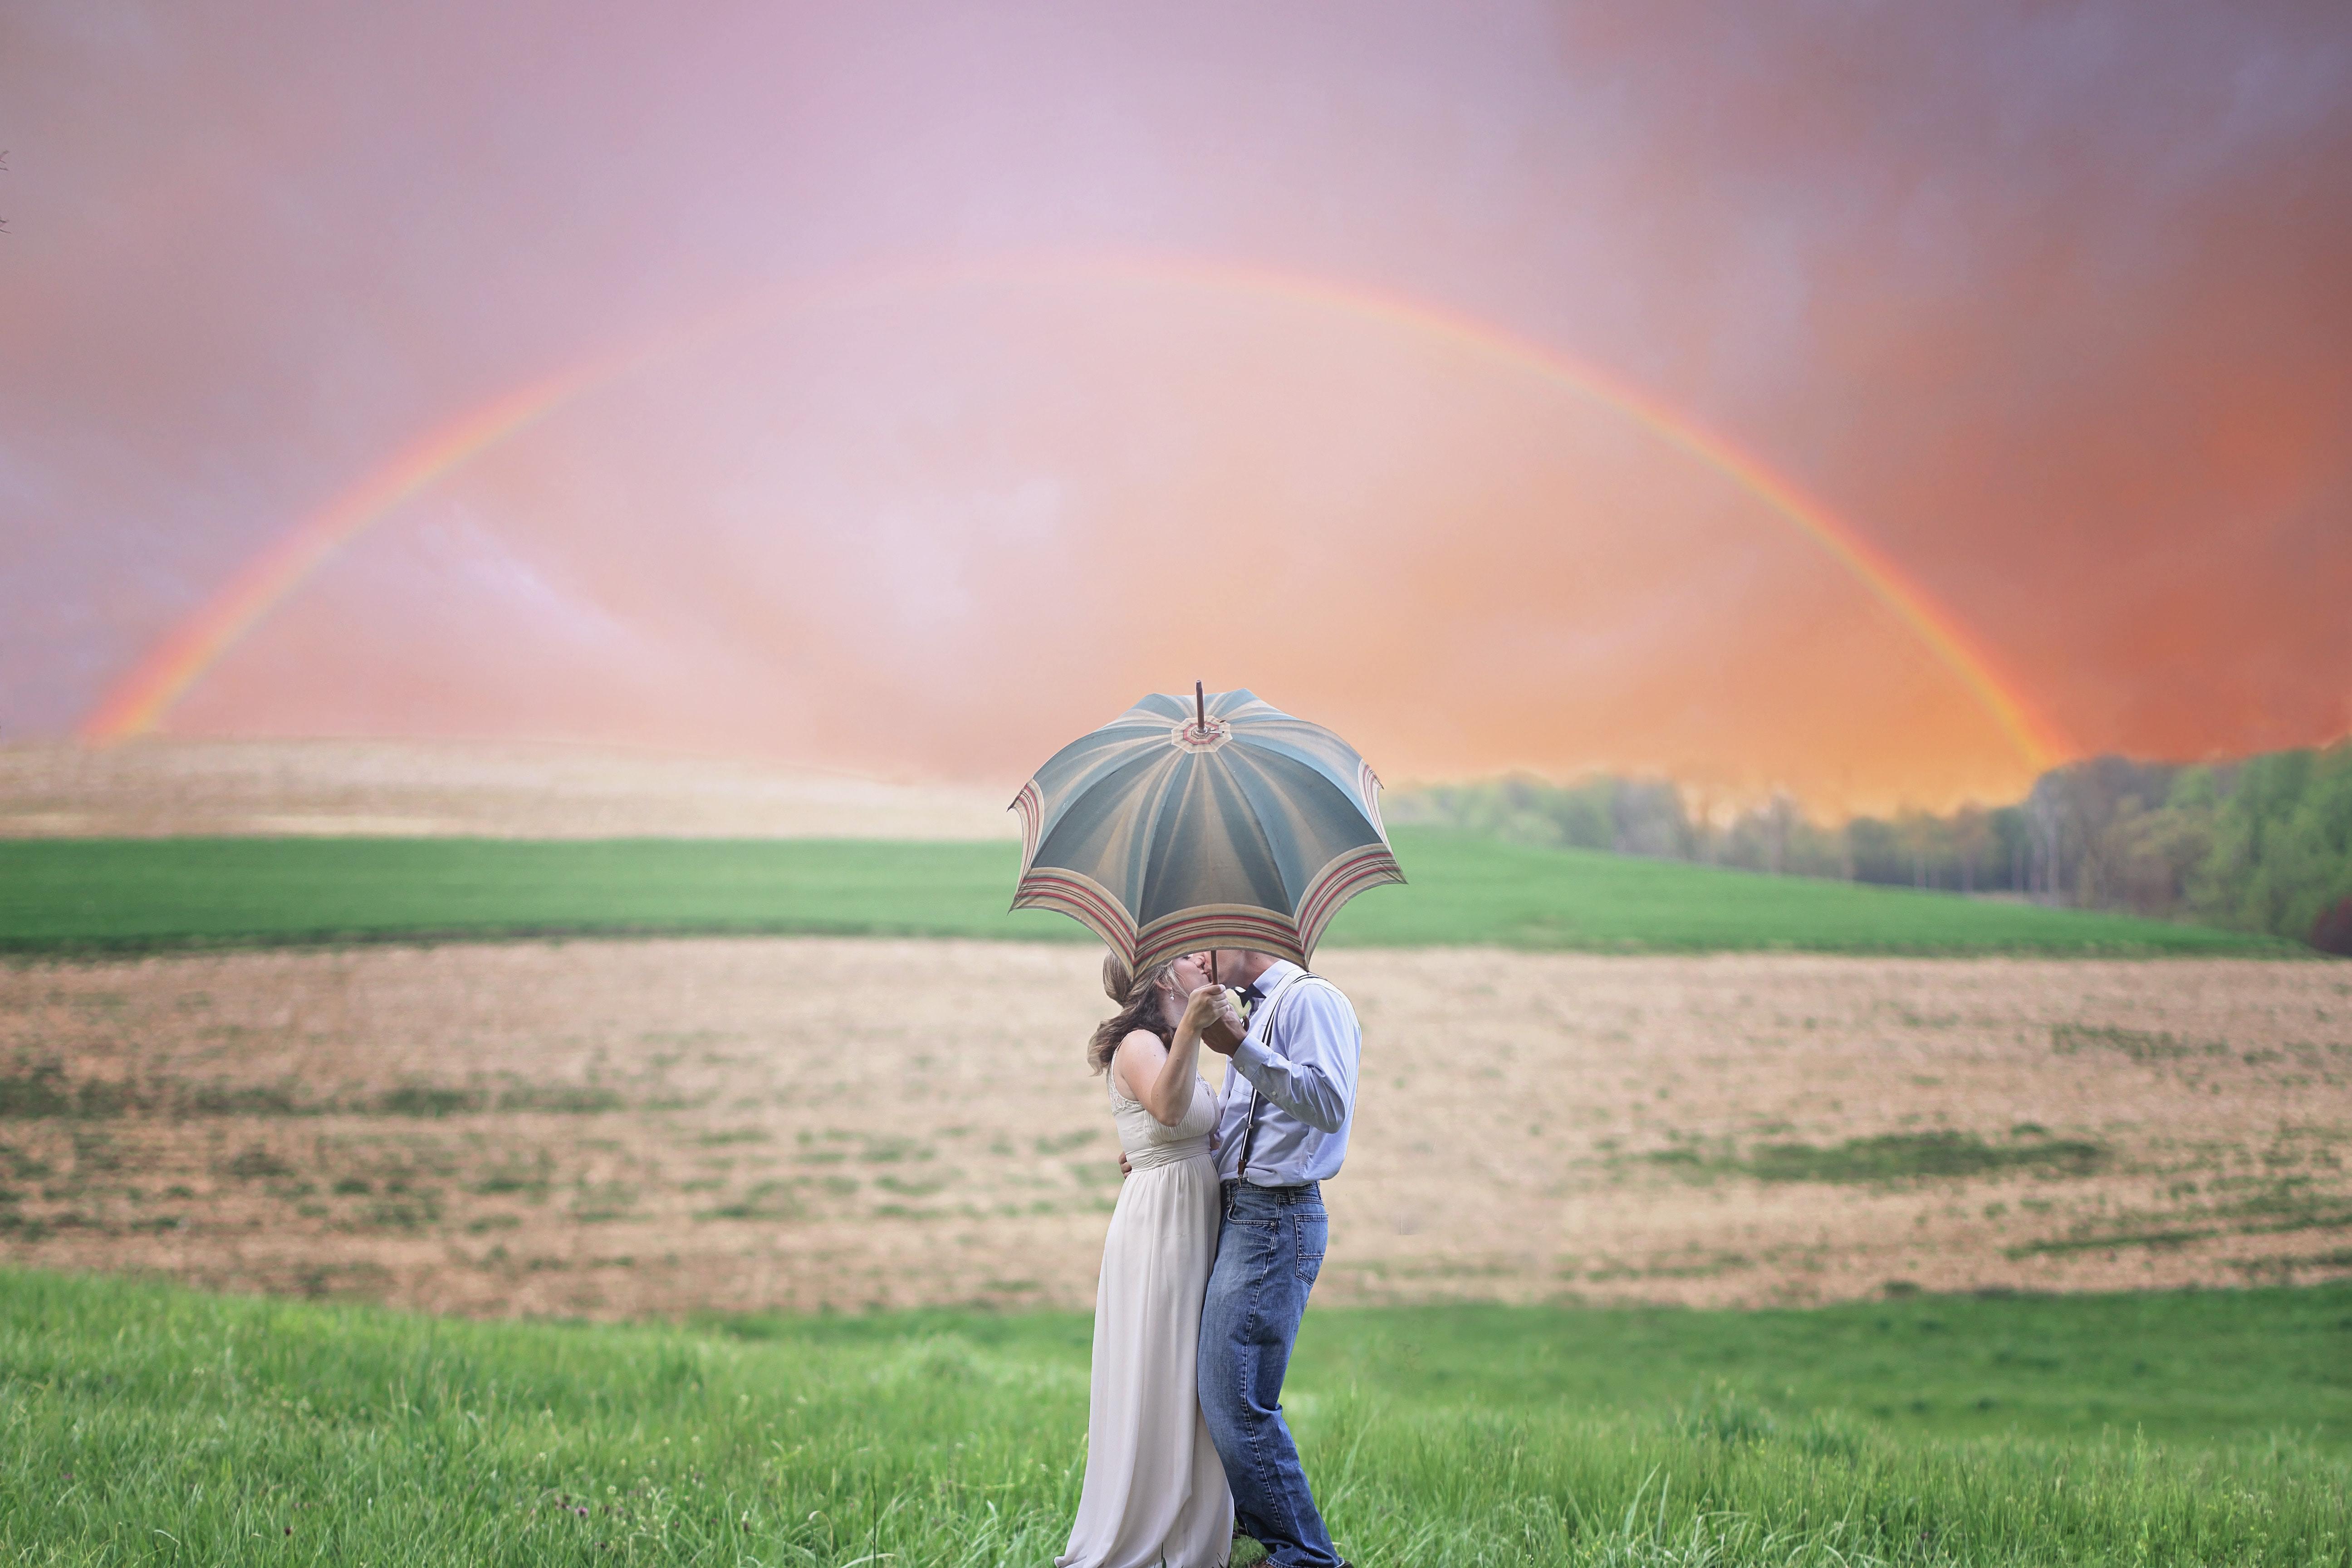 恋人と相合傘をしている場合